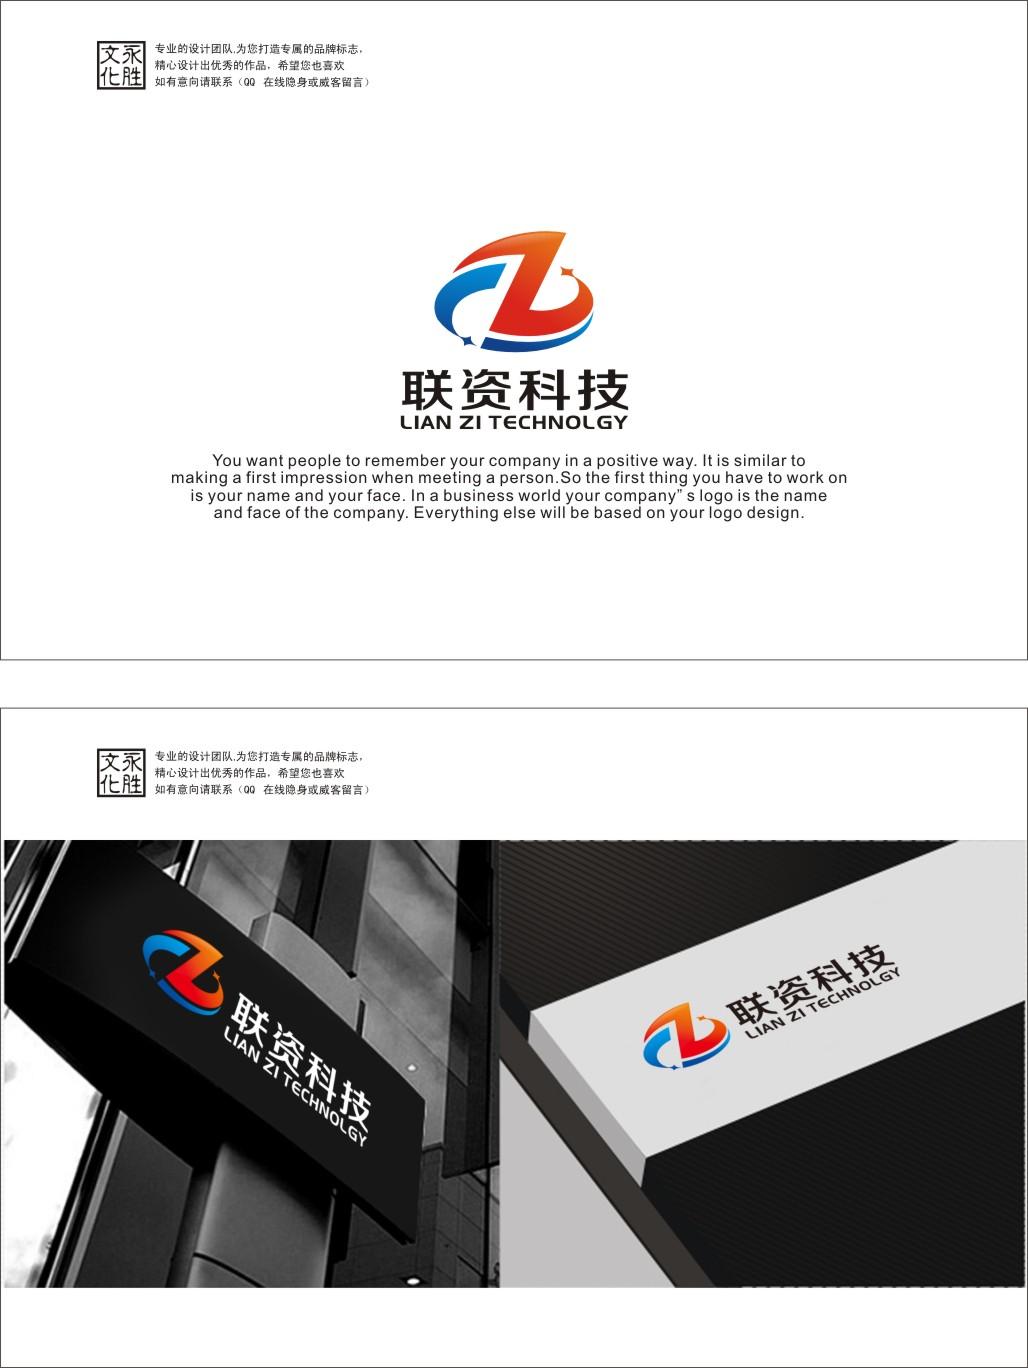 石化行业公司Logo设计_2963505_k68威客网